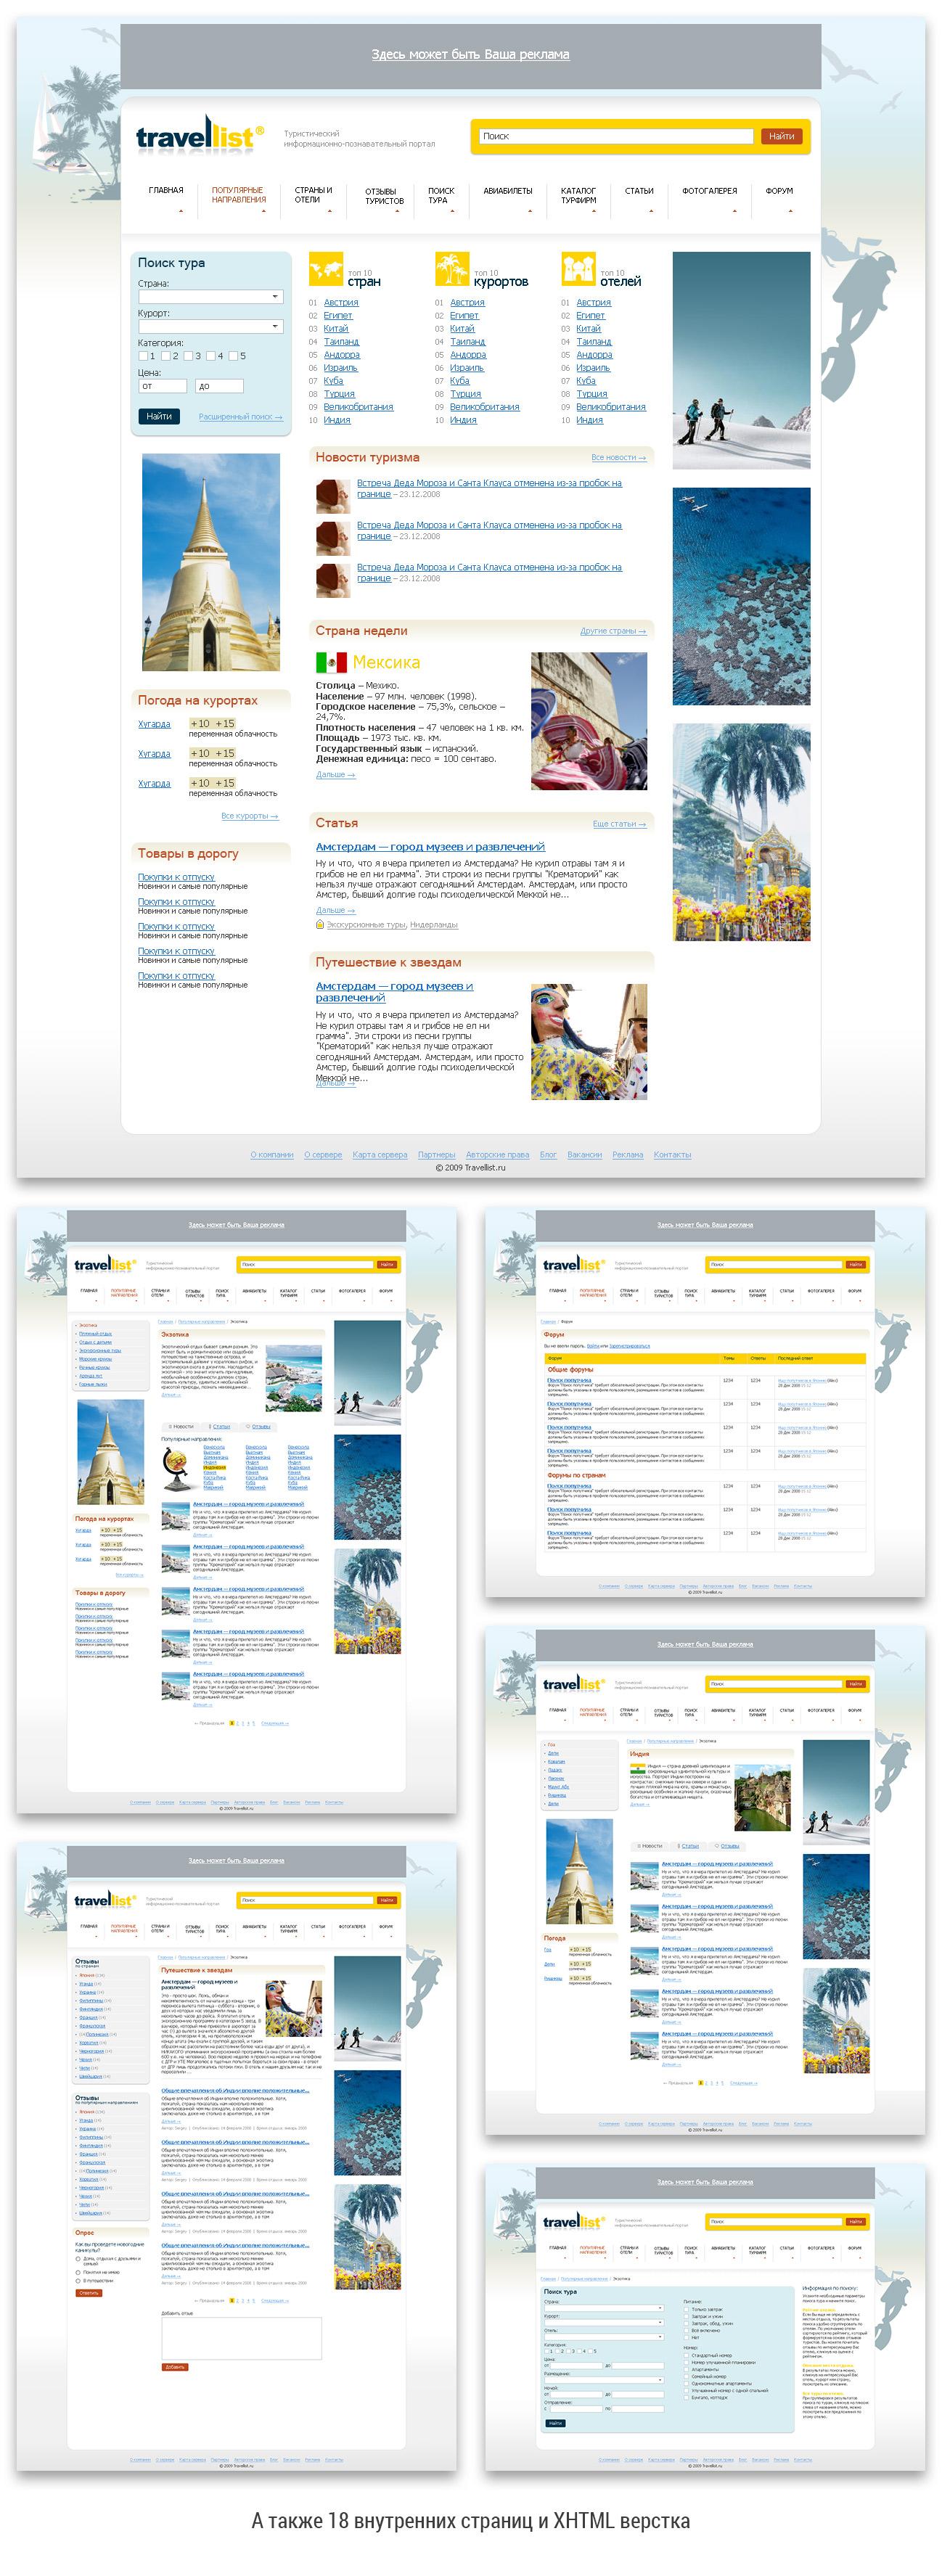 Портал путешествий TravelList, 24 страницы и xhtml верстка